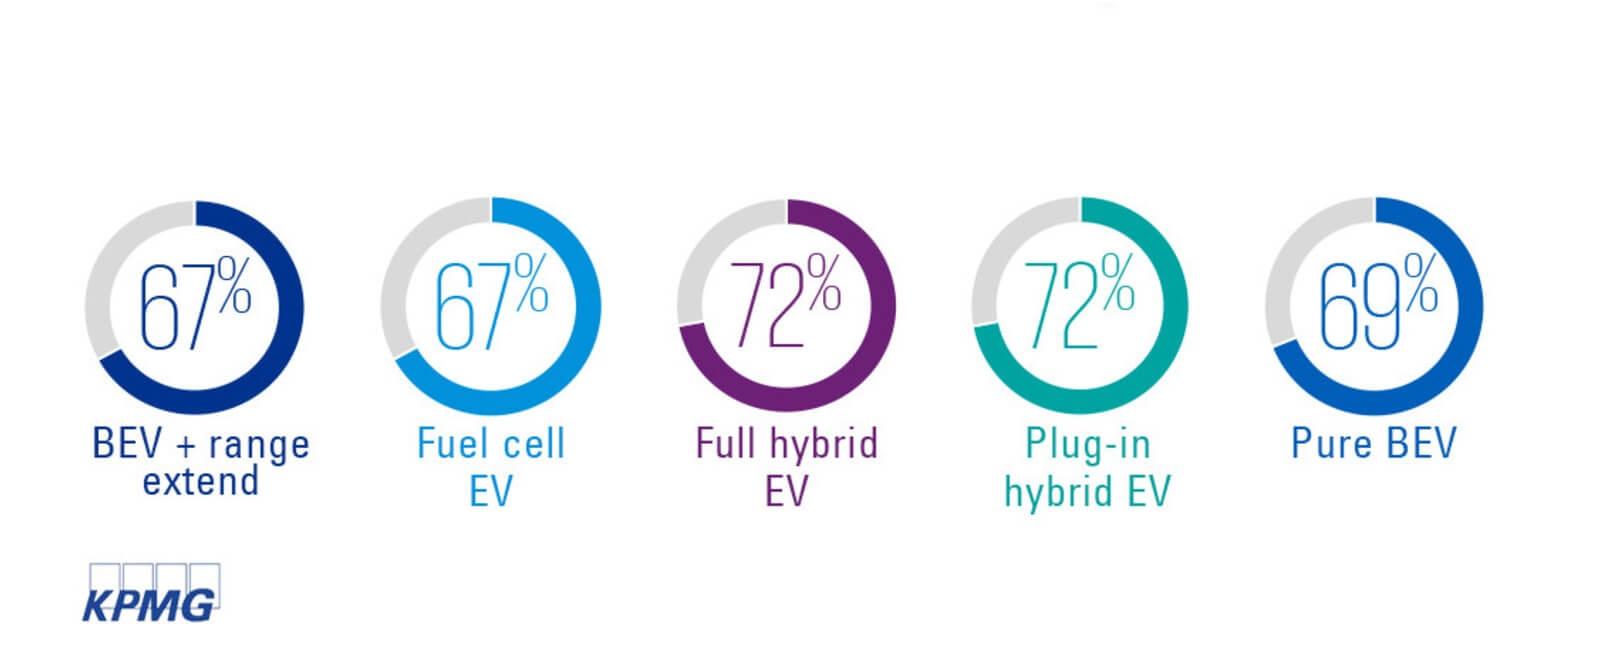 Инвестиции автопроизводителей в развитие электрических транспортных средств на следующие 5 лет